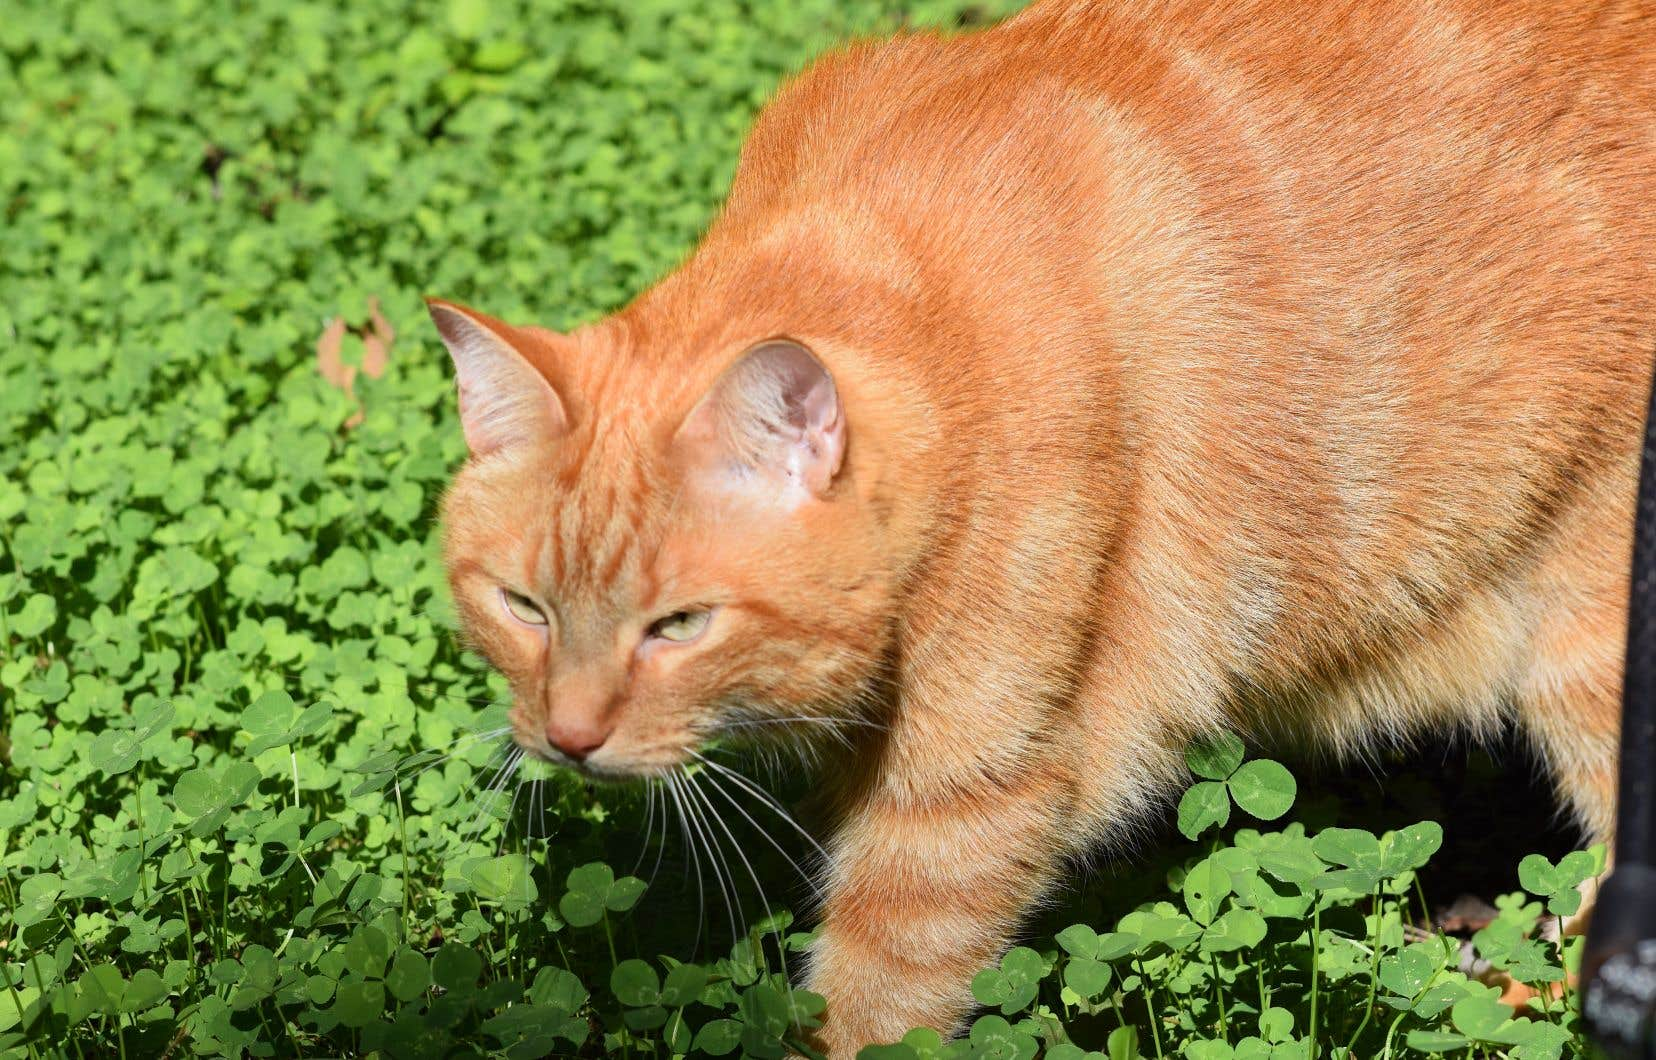 Les données scientifiques actuellement disponibles n'indiquent toujours pas de risque de transmission directe du coronavirus du chat à l'humain.